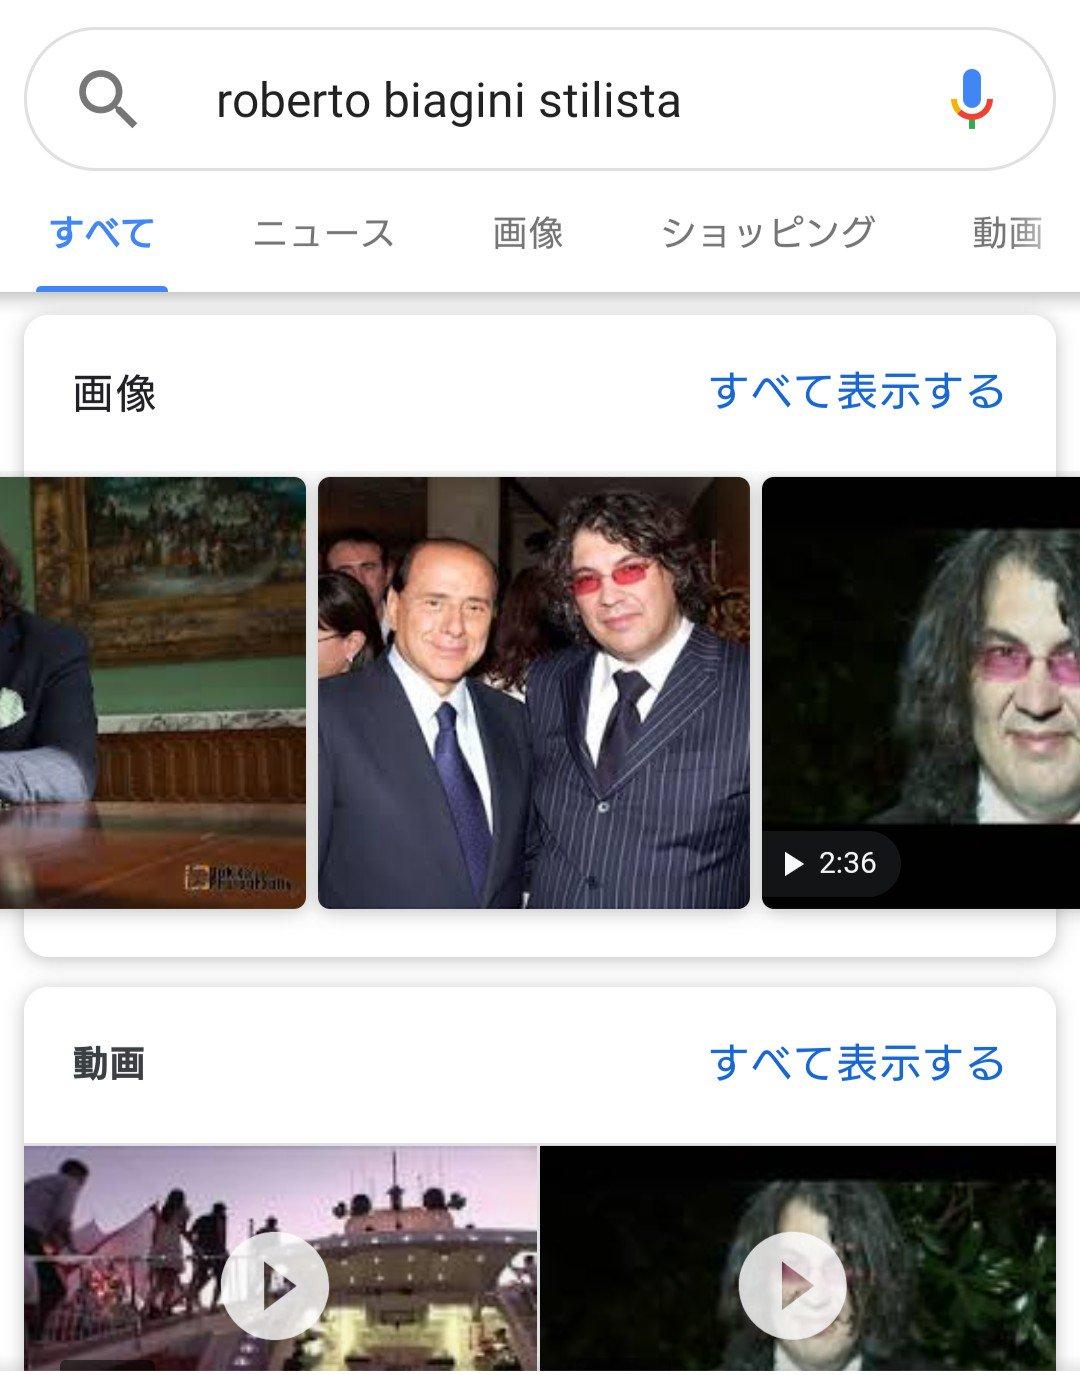 ジーニ ロベルト ビア 葉加瀬太郎が男の着こなしを本気で学びたいと思った瞬間とは?